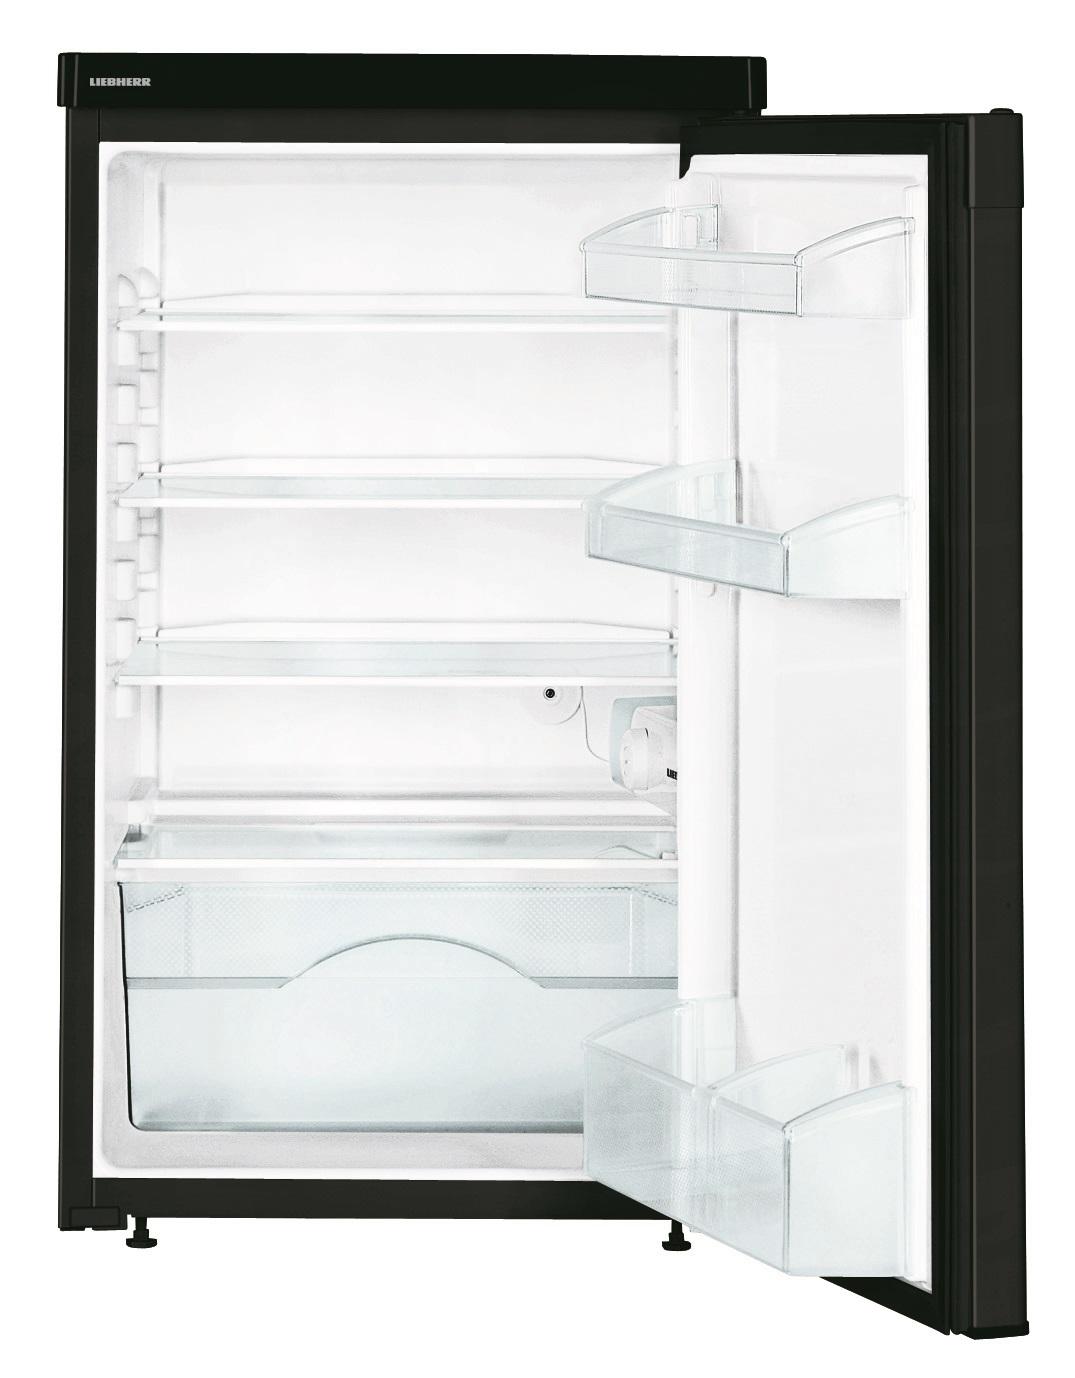 купить Малогабаритный холодильник Liebherr Tb 1400 Украина фото 3